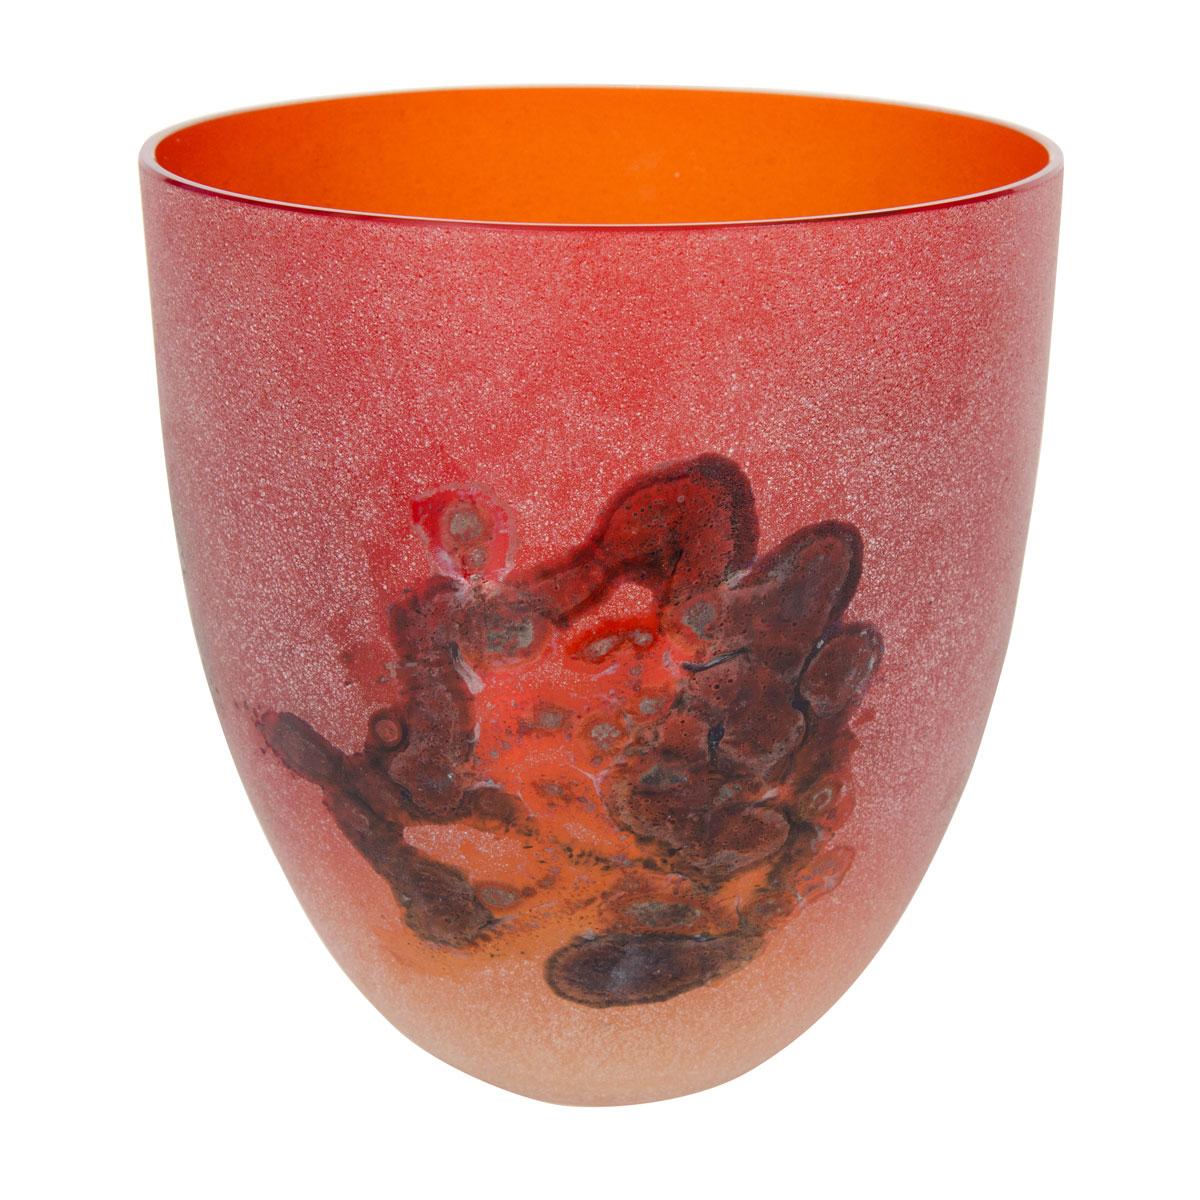 Flame orange encaustic murano glass vase vases john for Orange vase